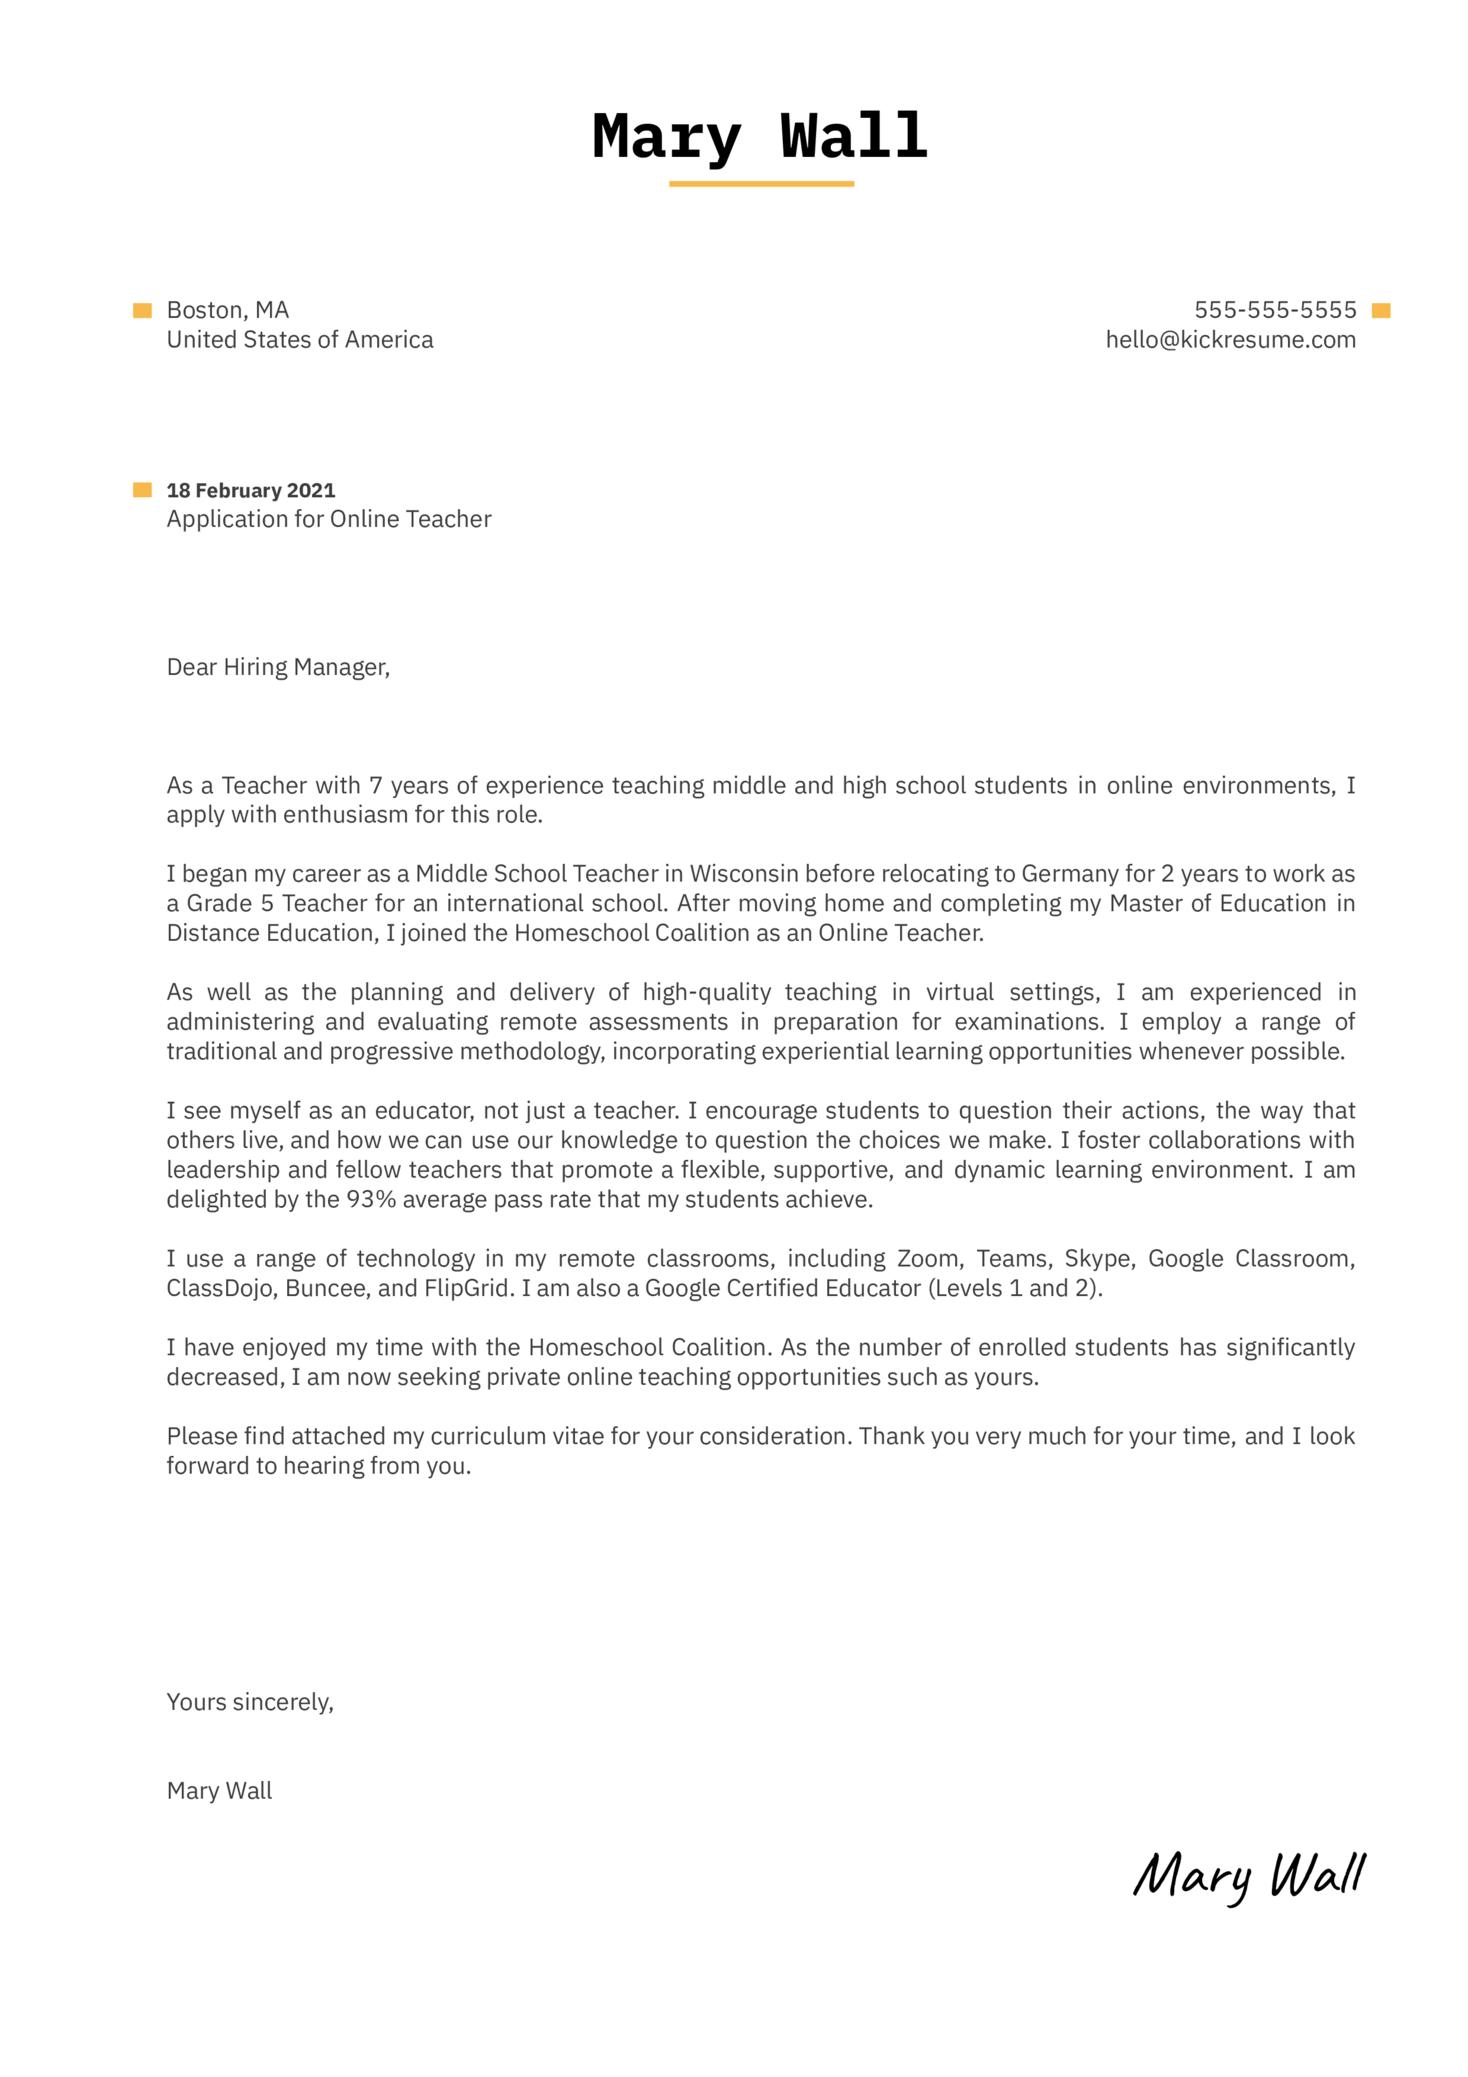 Online Teacher Cover Letter Sample